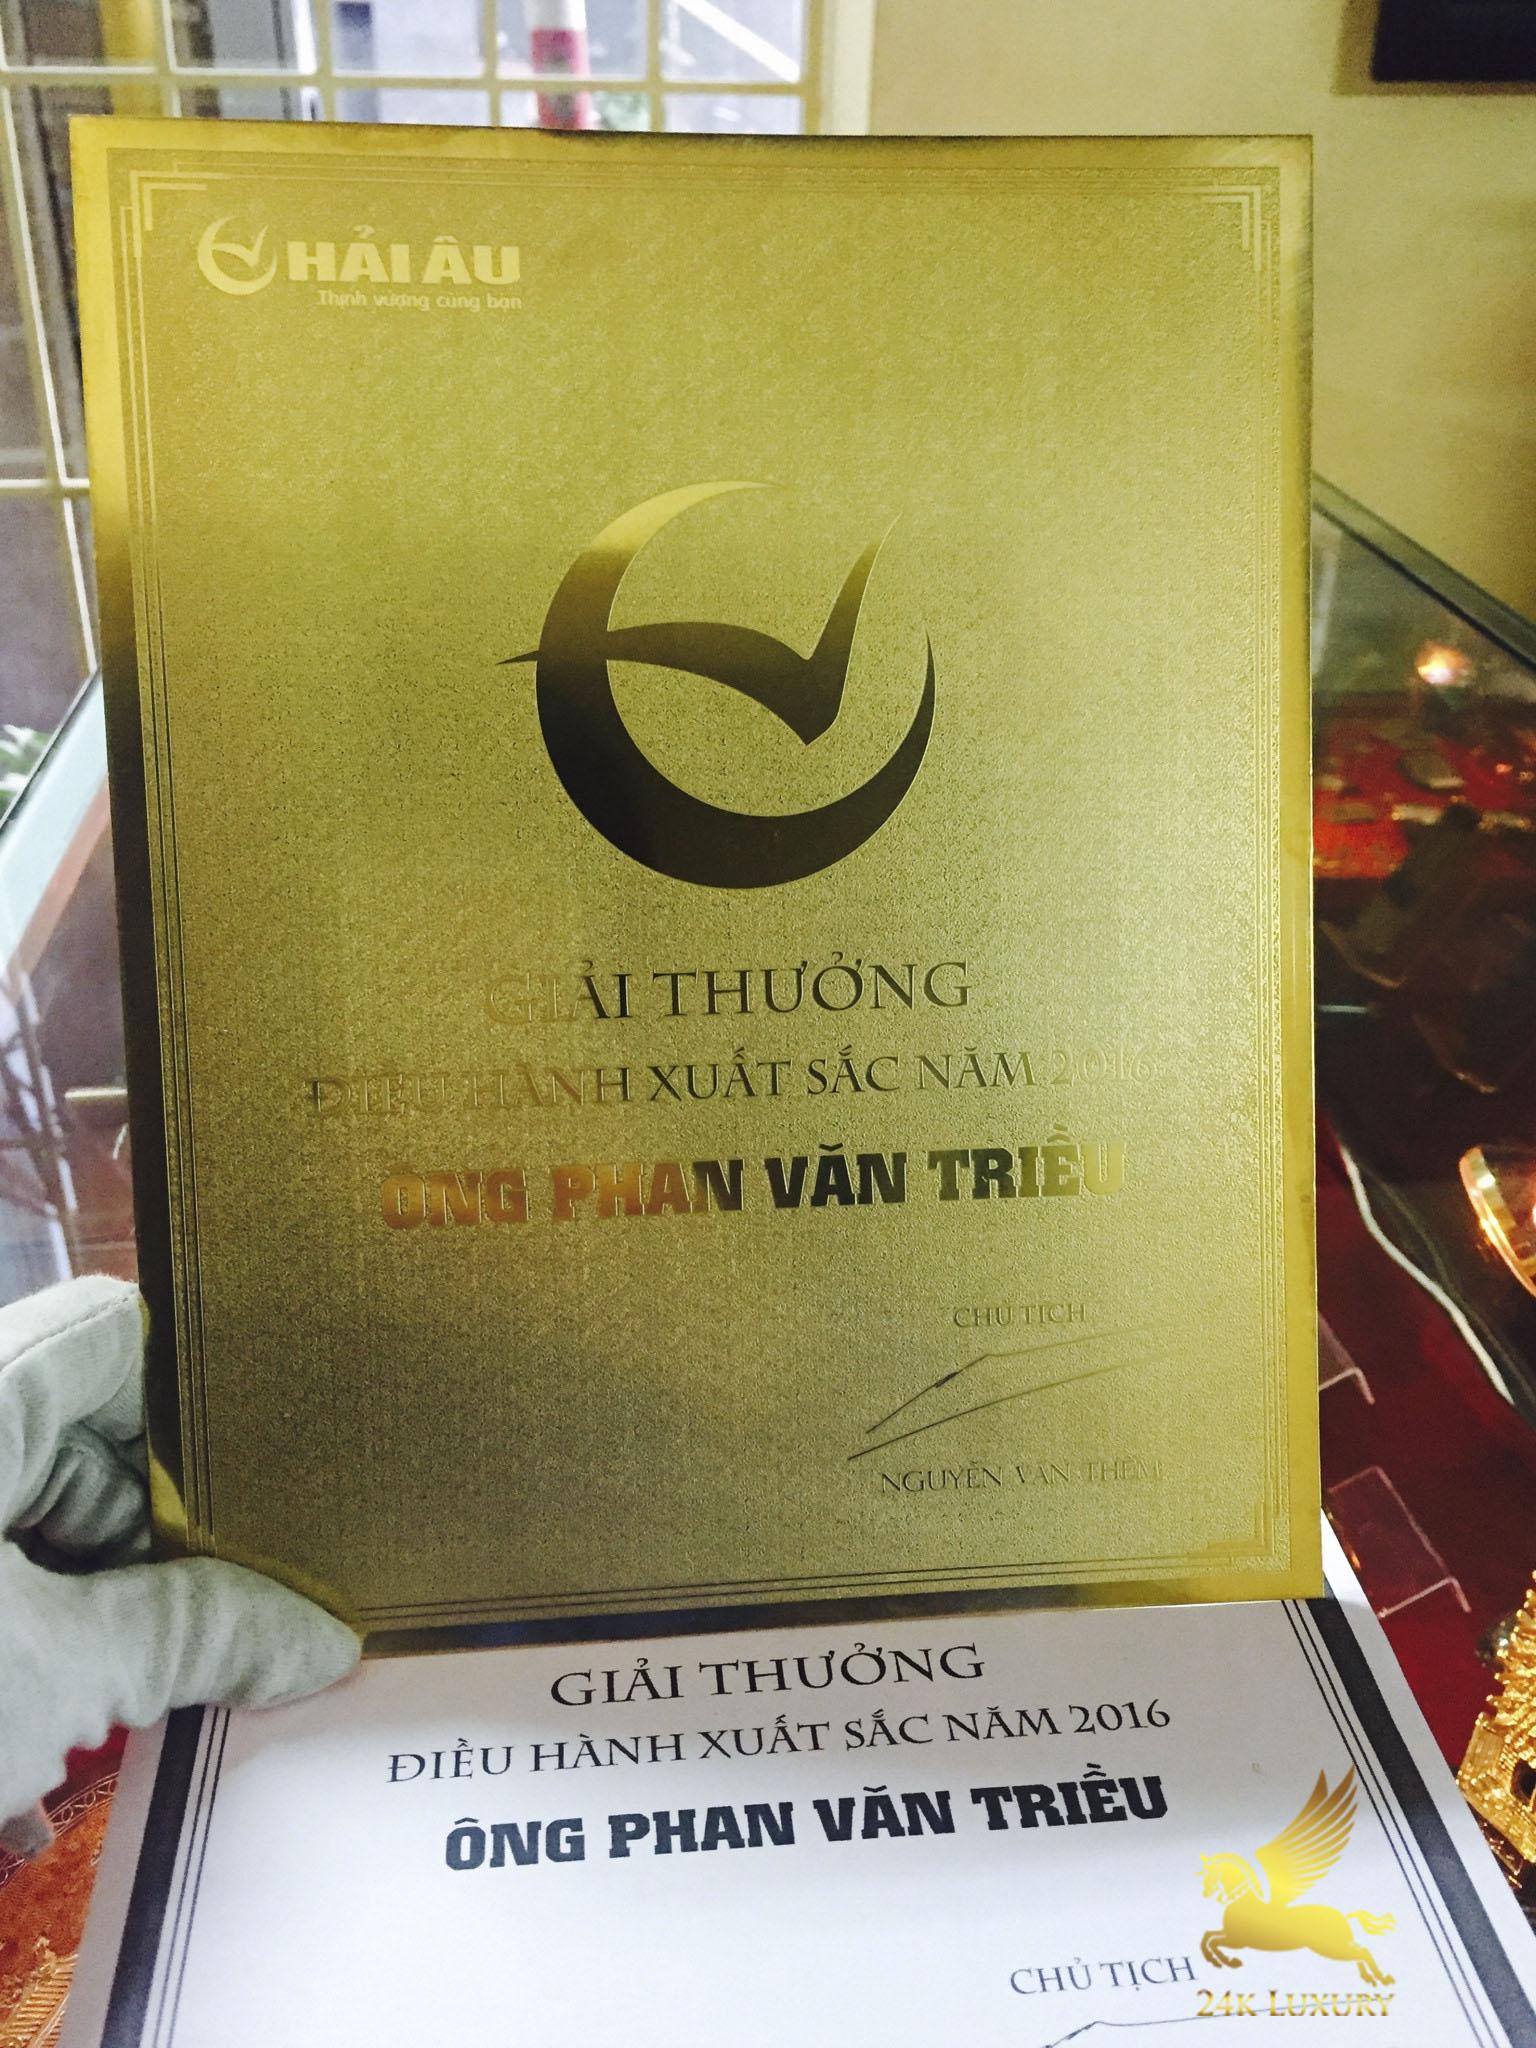 . Kỷ niệm chương mạ vàng có giá trị lớn làm mãn nhãn và hài lòng khách hàng